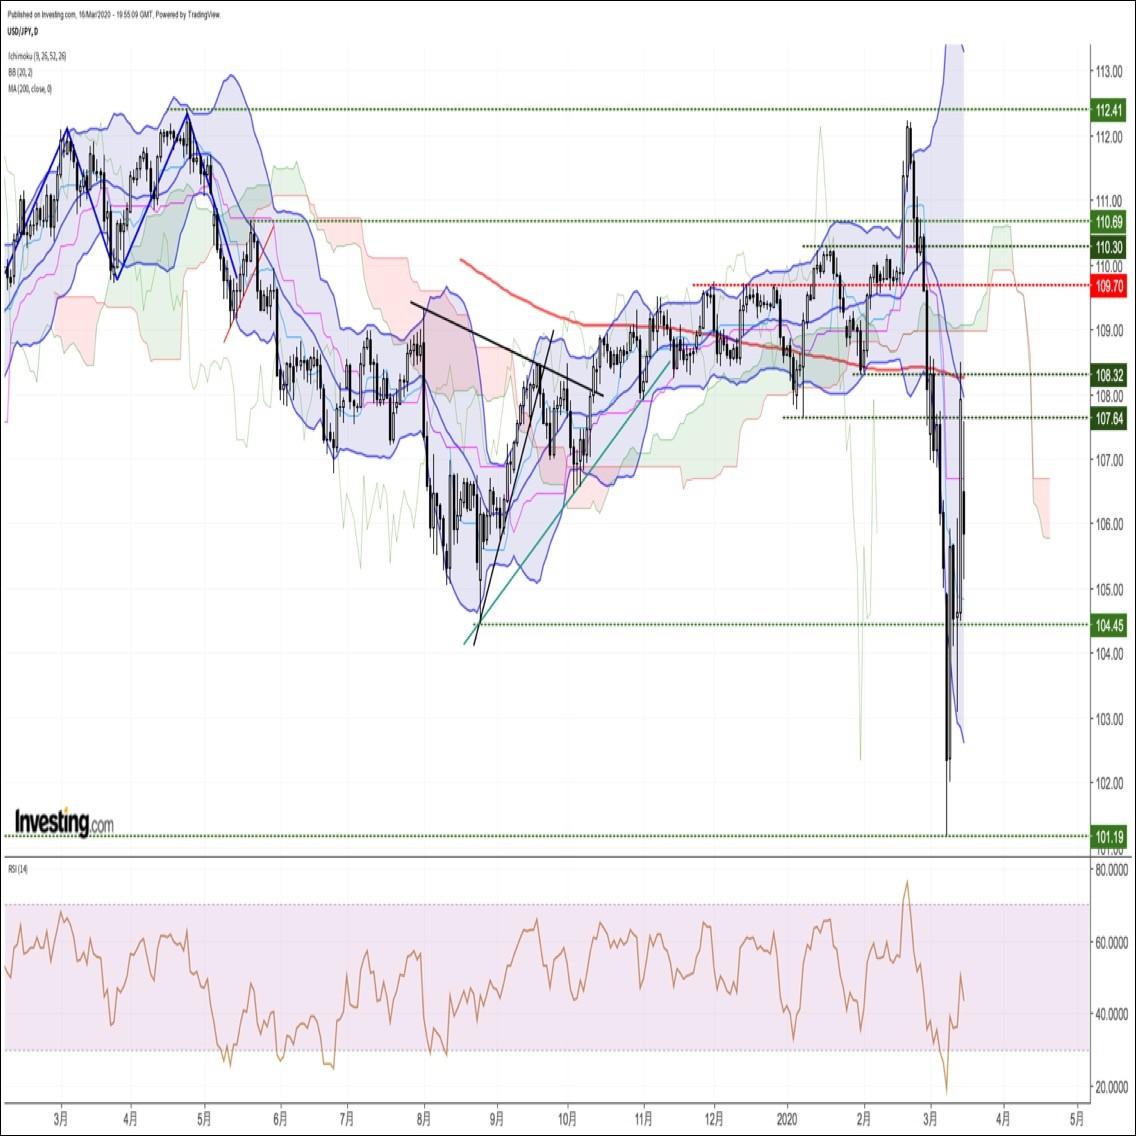 ドル円、FRBの緊急利下げ+QE再開を受けて一時反発するも結局Sell the factに(3/17朝)